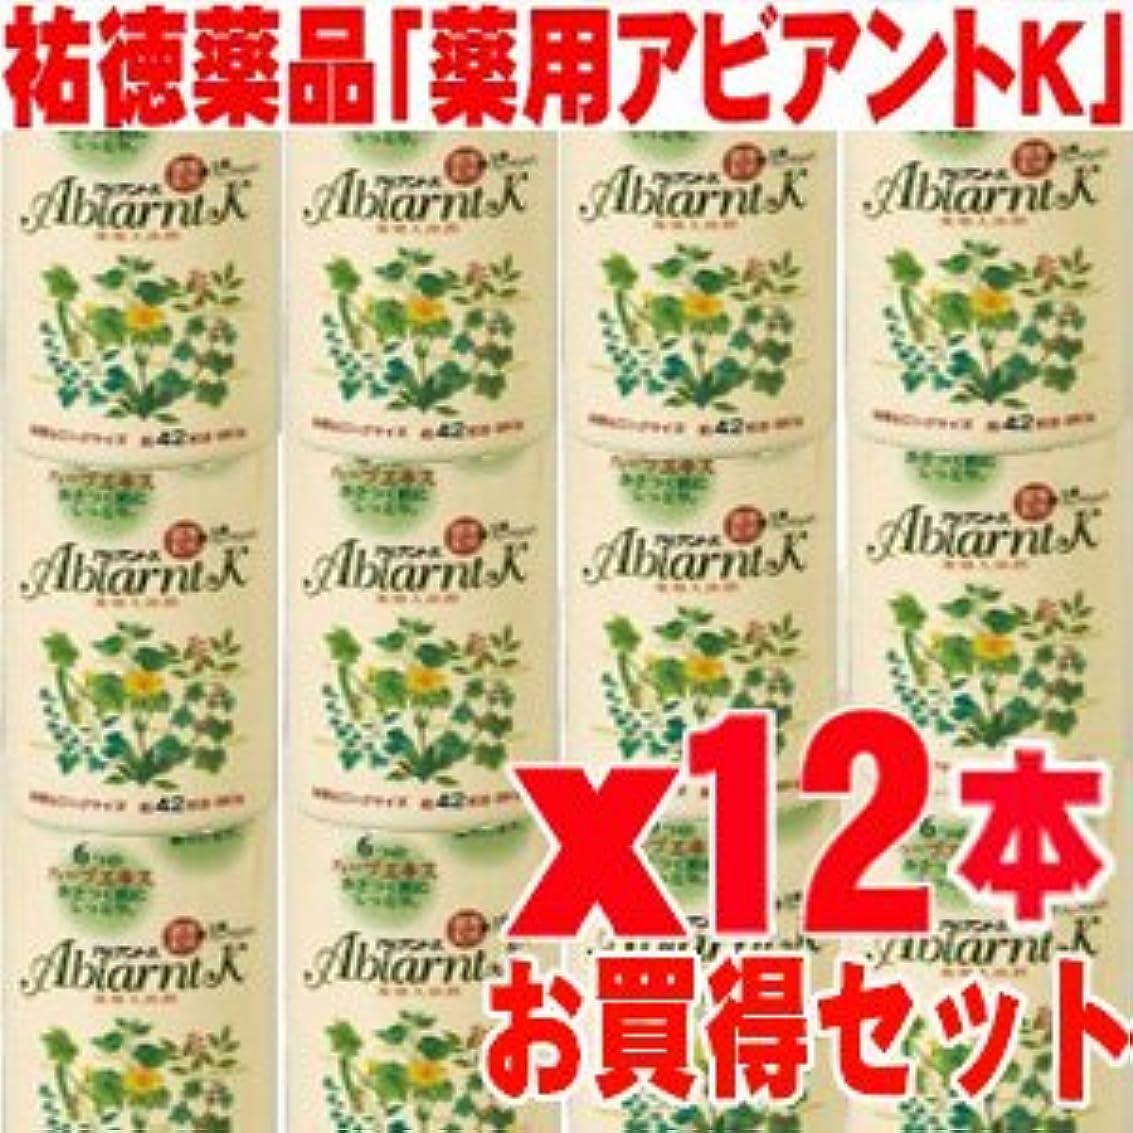 シャイニング感情徴収アビアントK 薬用入浴剤 850gx12本 (総合計10.2kg)4987235024123